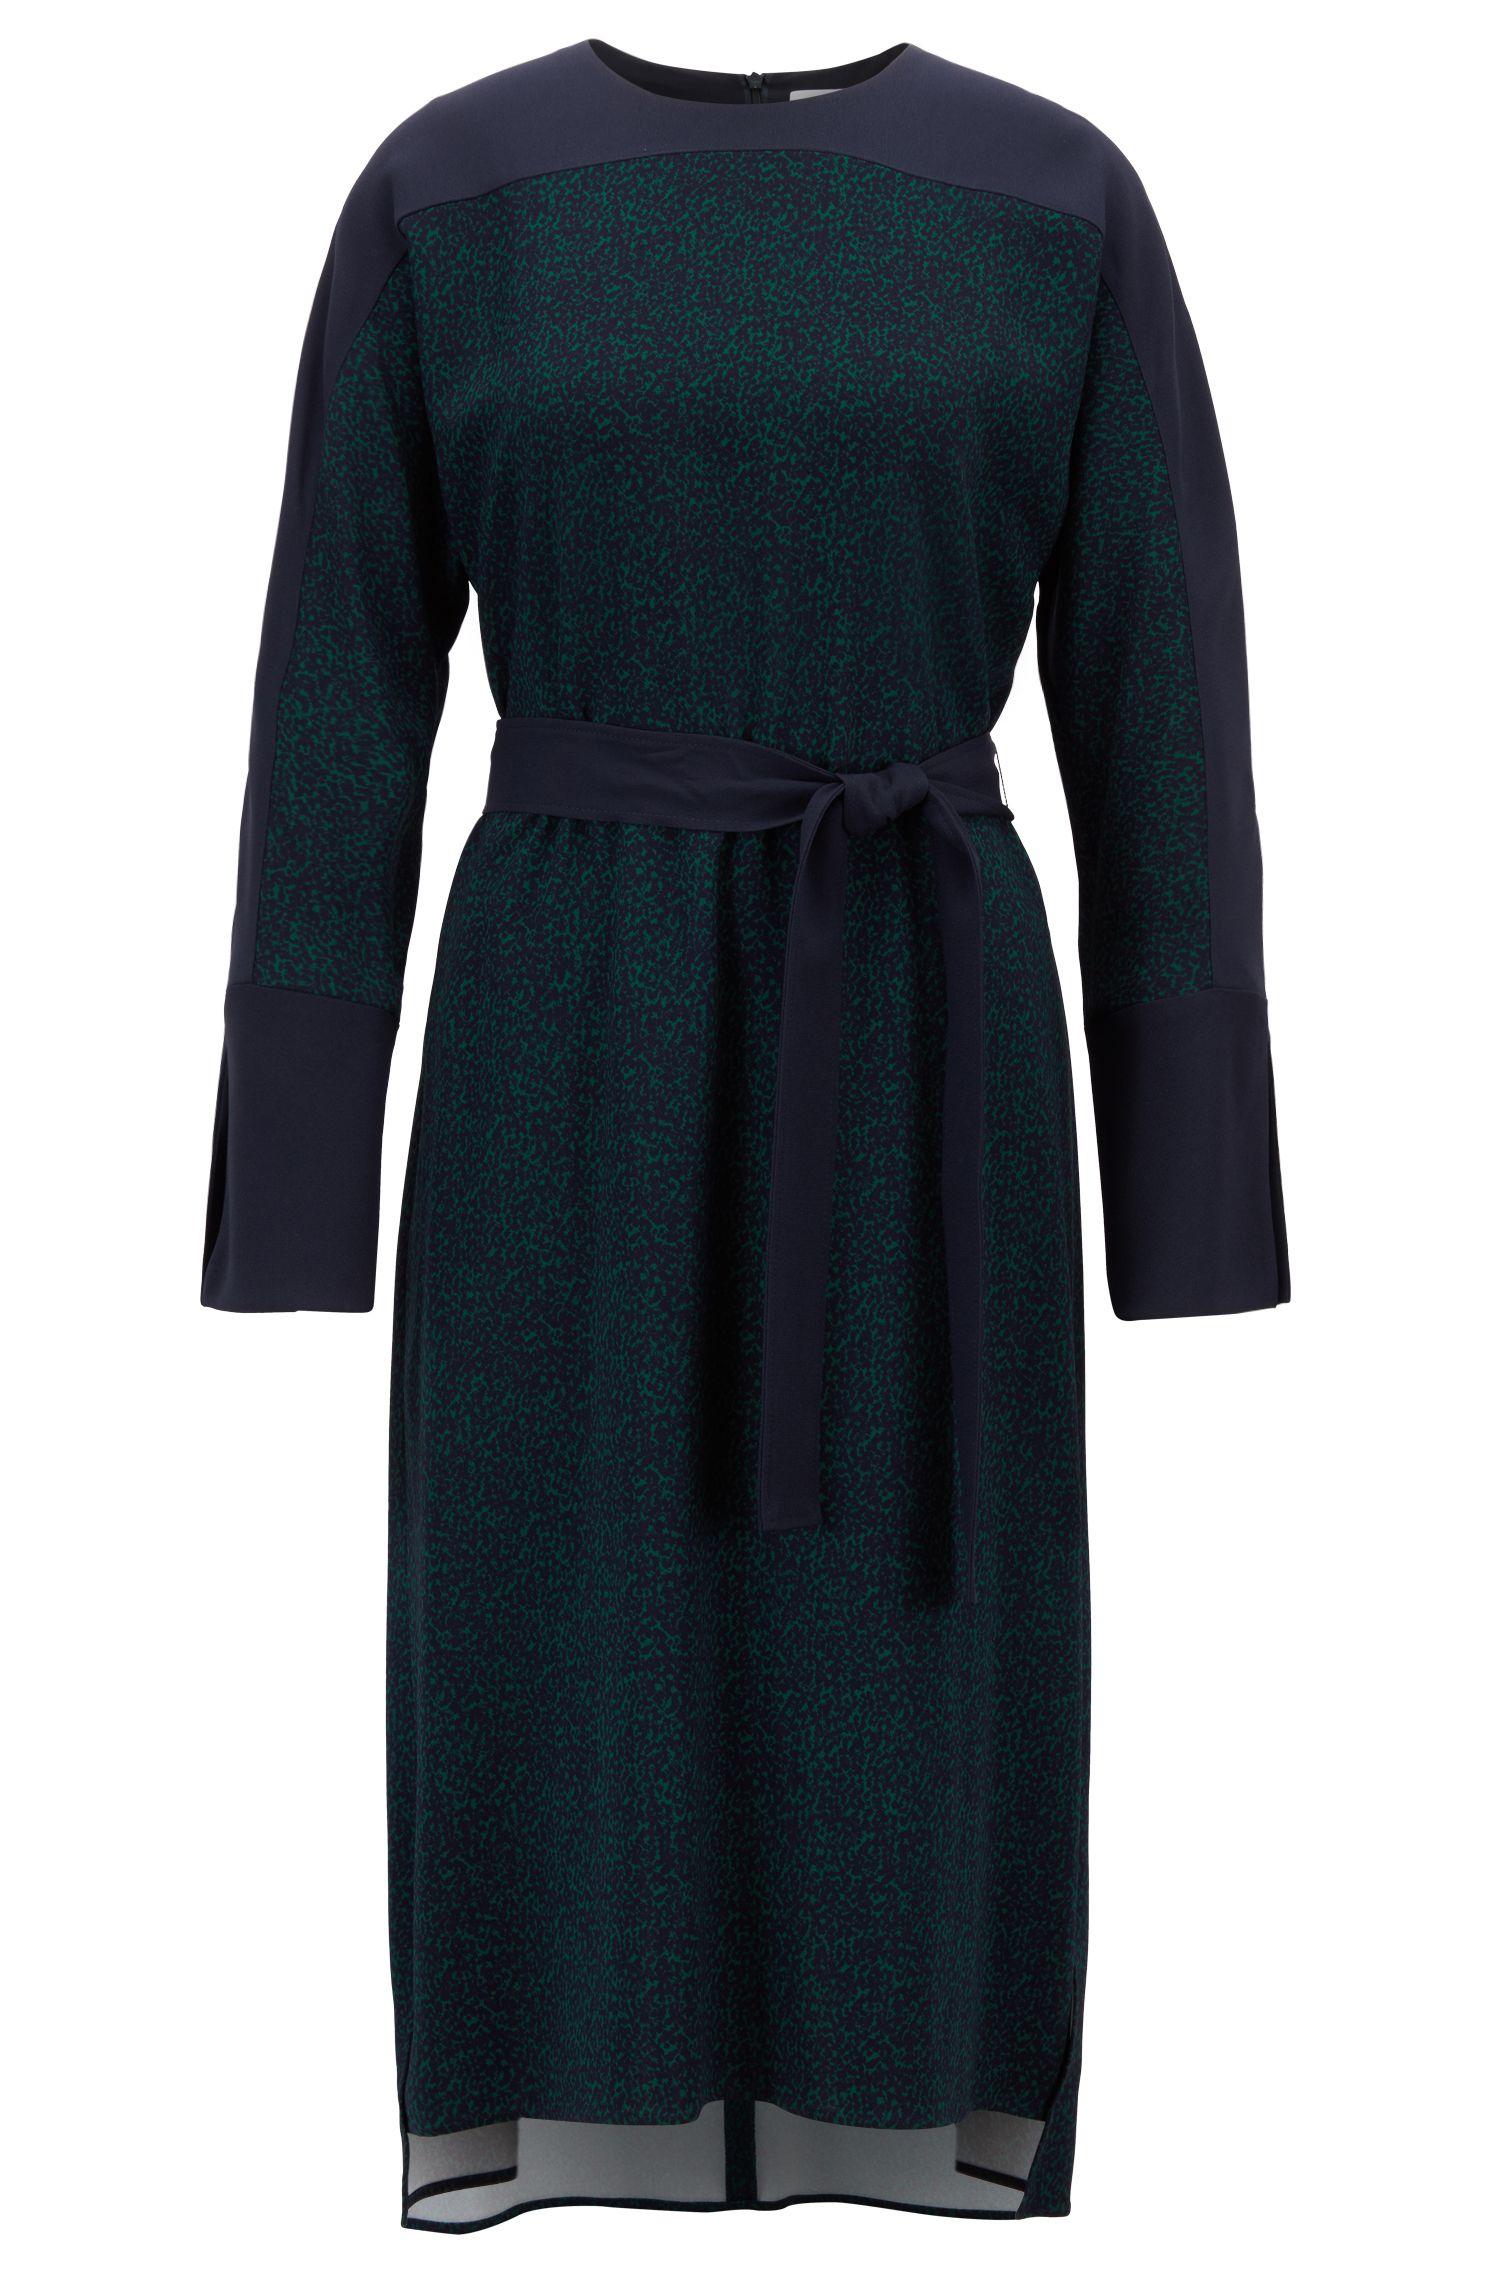 Robe ceinturée en tissu stretch au motif allover, Fantaisie